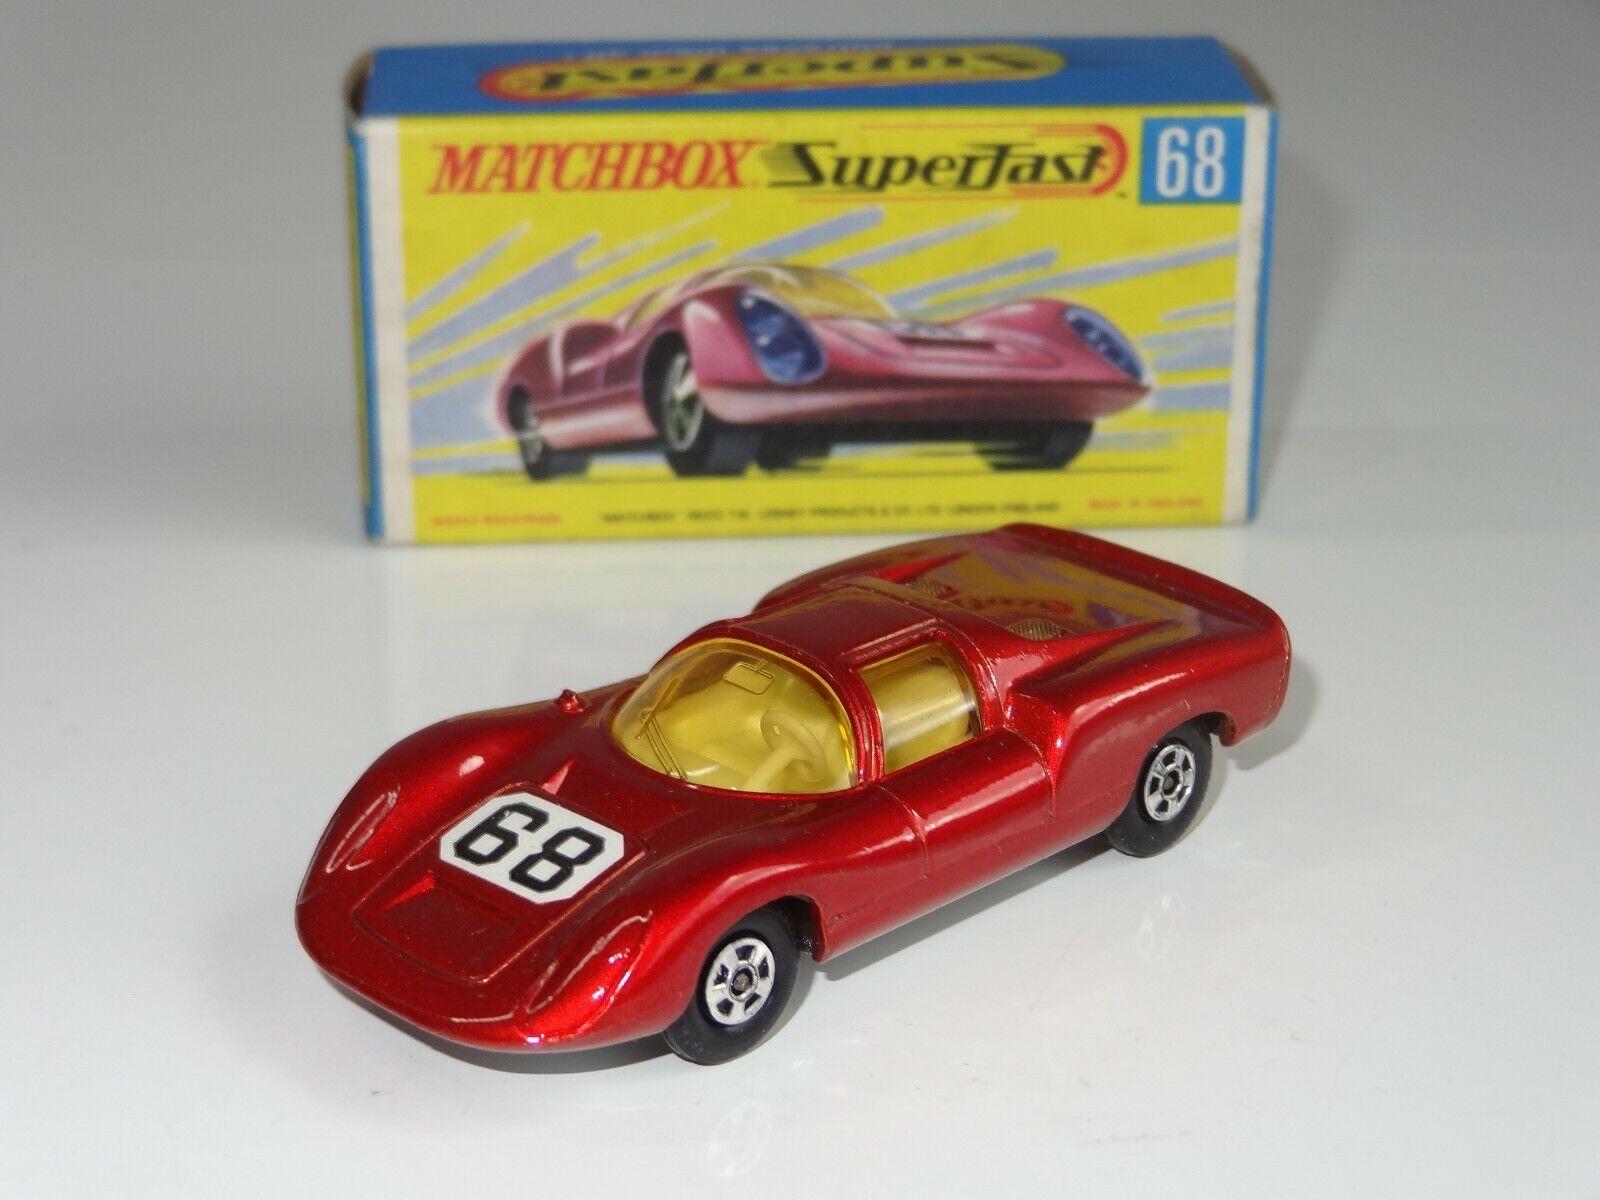 (B) Matchbox Matchbox Matchbox Lesney súperfast Porsche 910 - 68  oferta de tienda